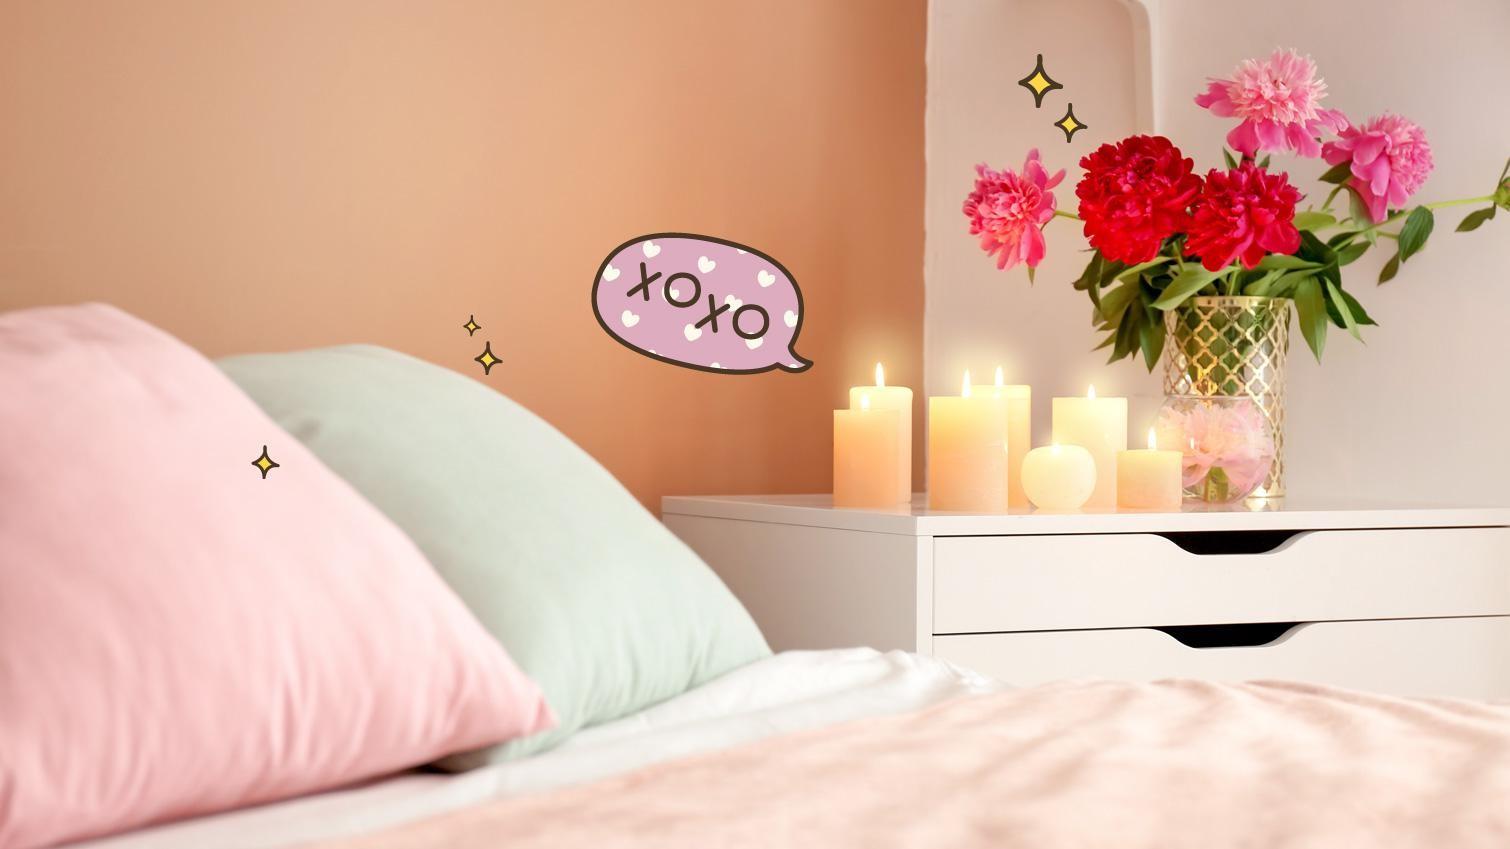 4 tips mudah mendekorasi kamar tidur romantis berbagi for Dekor kamar hotel buat ulang tahun